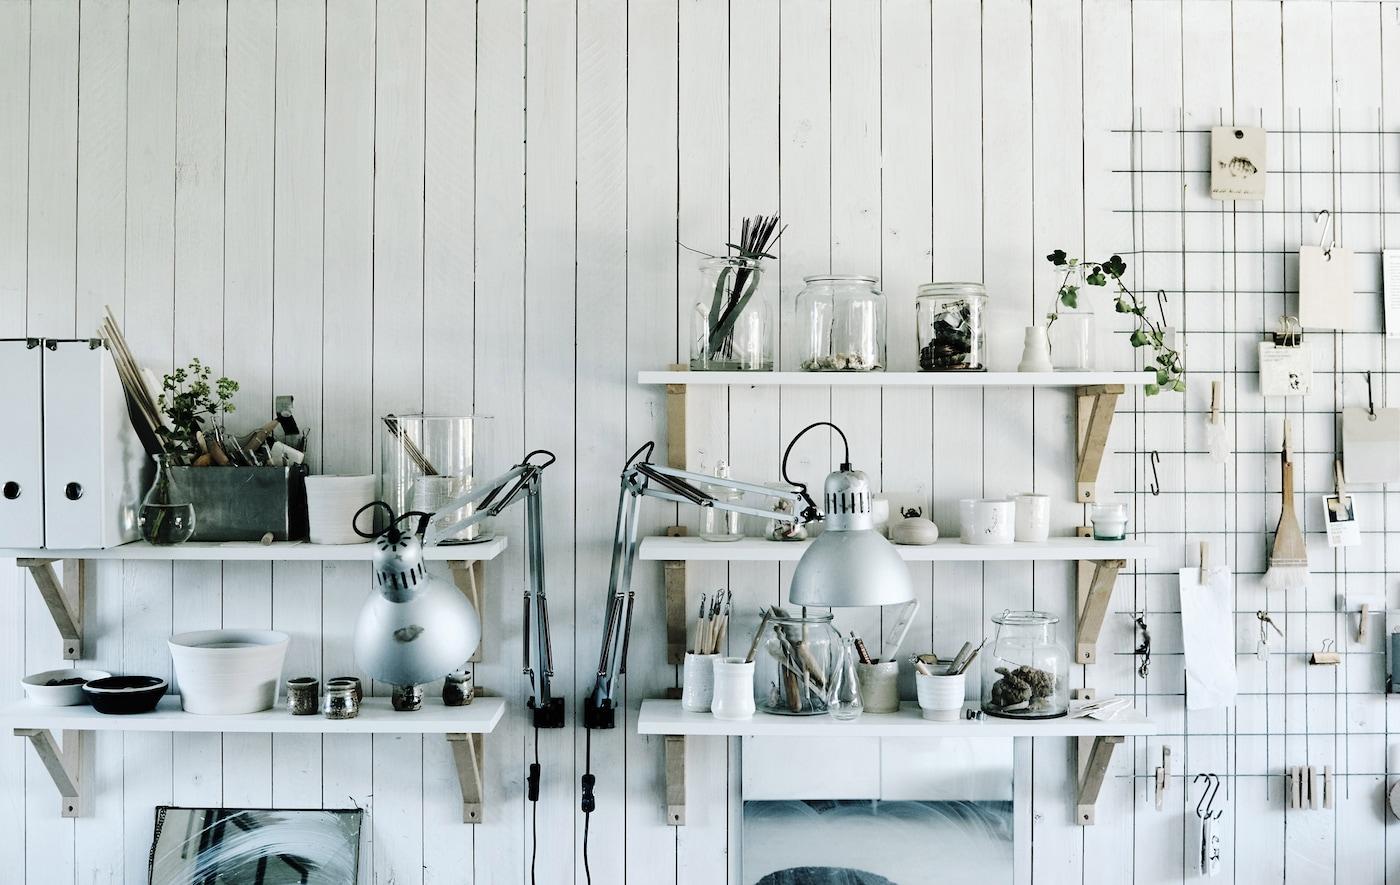 Un garde-manger ouvert avec des étagères blanches surmontées de bocaux transparents et de verres, ainsi qu'un support métallique avec des ustensiles et des papiers à accrocher.